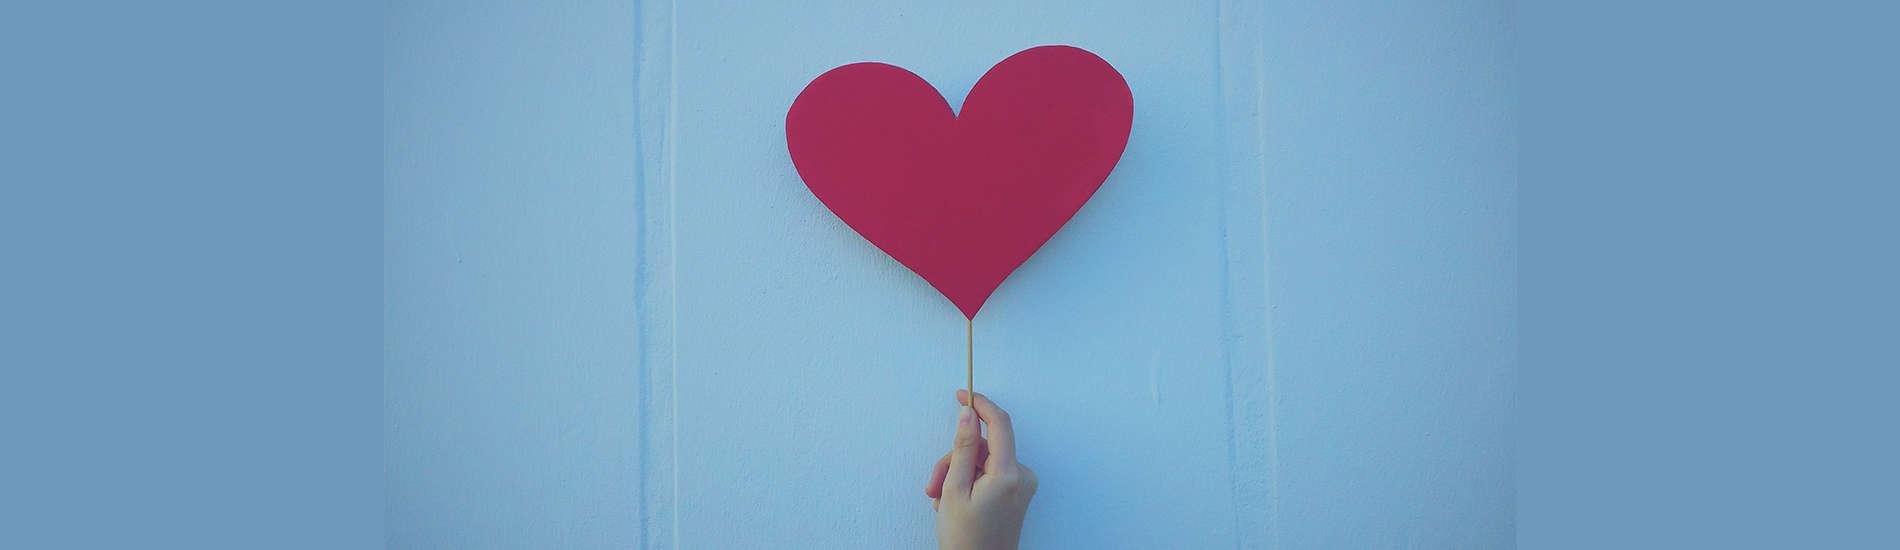 Τι…ραγίζει την καρδιά;